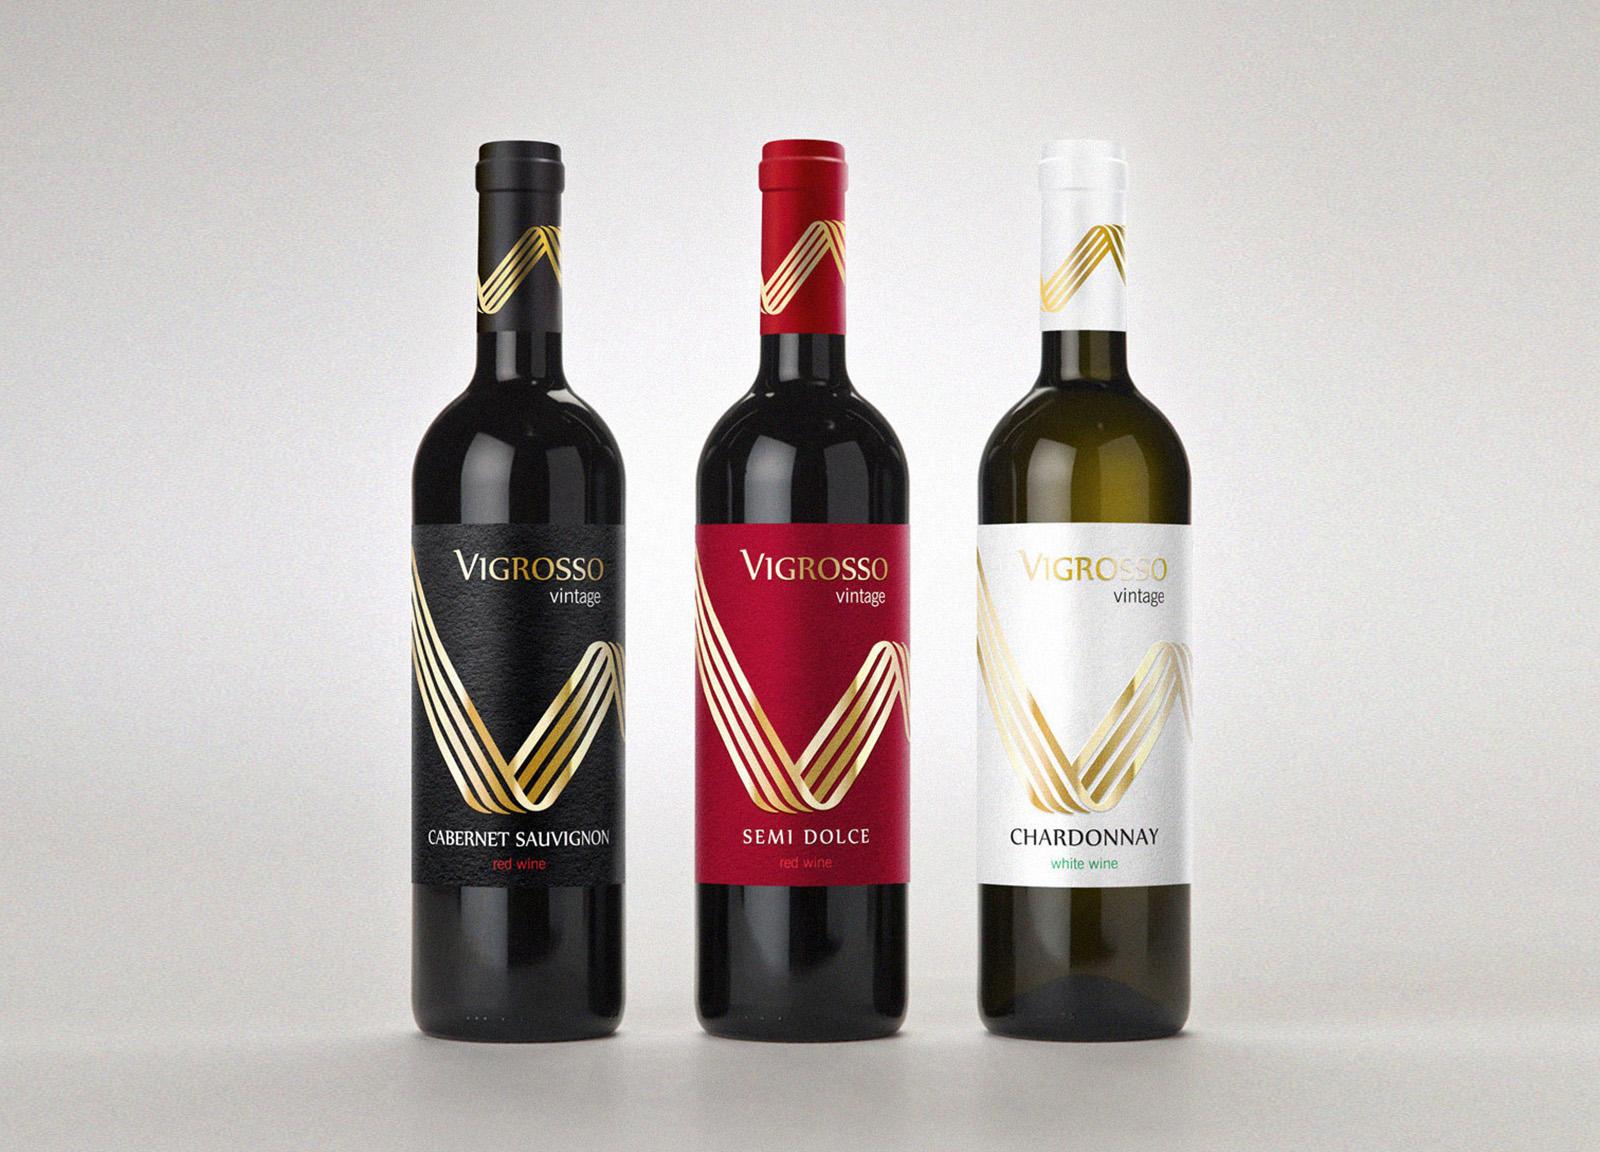 Vigrosso wine. Разработка дизайна и оформления этикетки вина